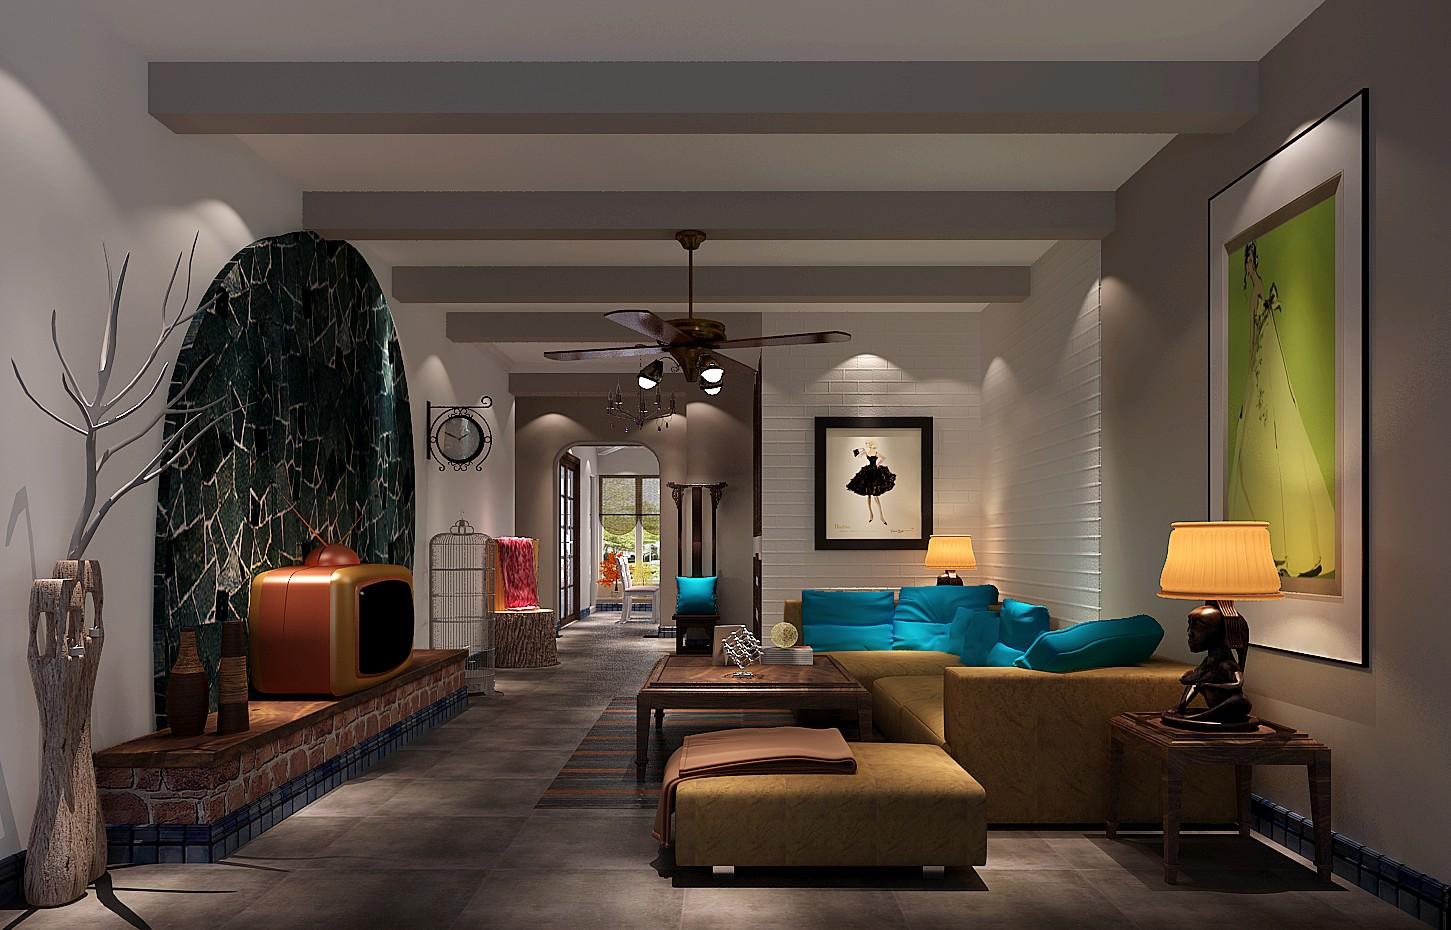 高度国际 中景江山赋 北美极简 公寓 客厅图片来自高度国际在高度国际-114平米北美极简风格的分享